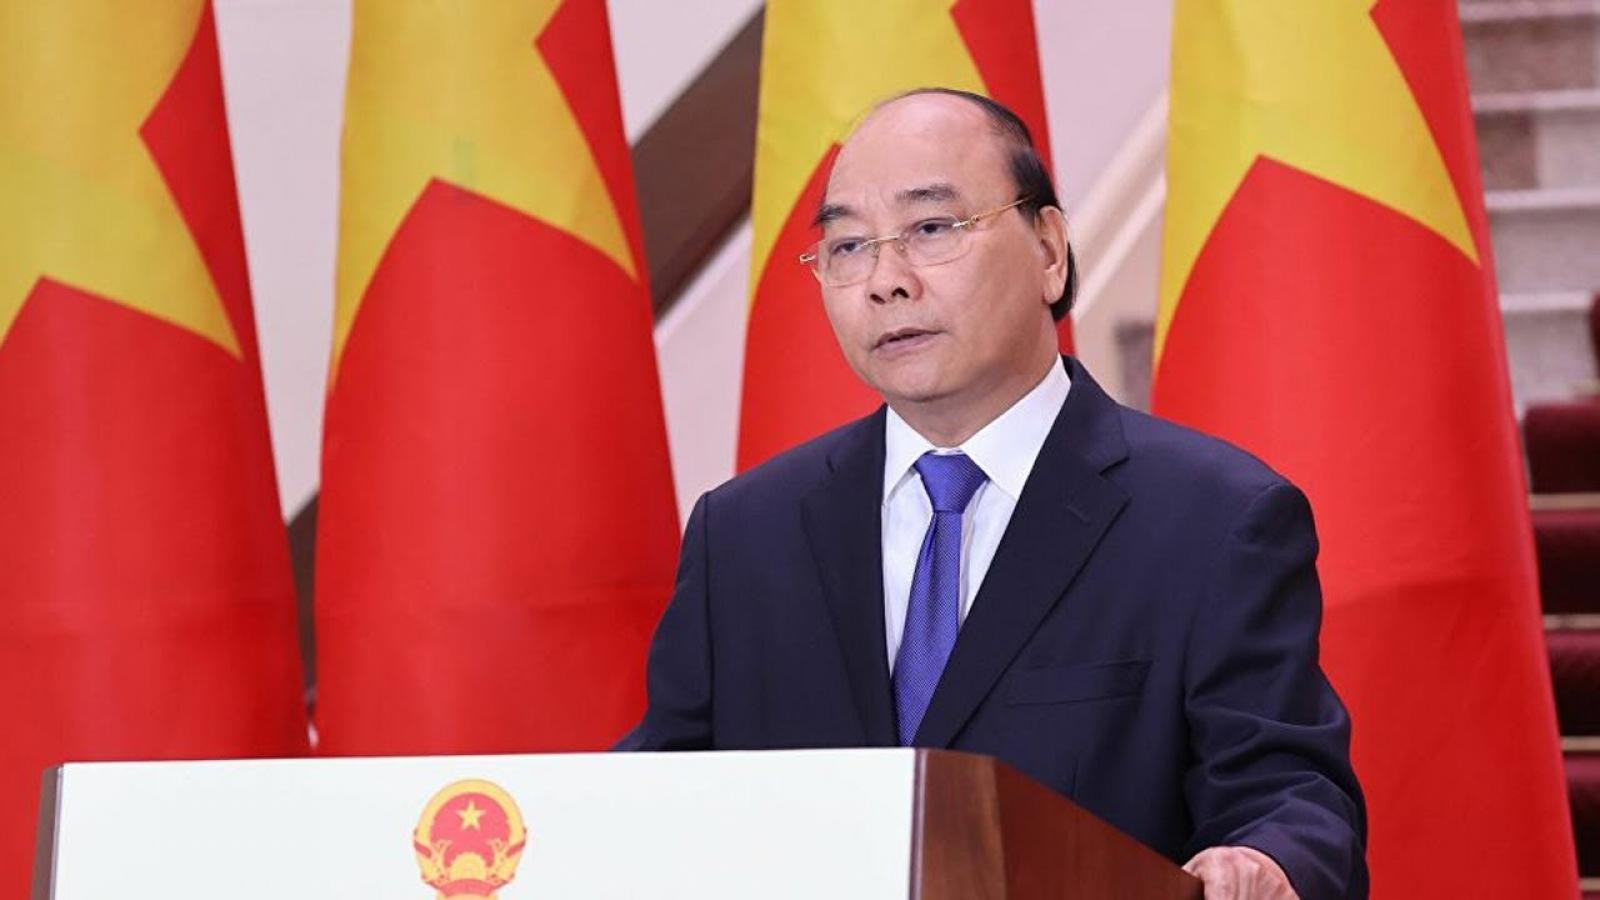 Thủ tướng Nguyễn Xuân Phúc sẽ tham dự Hội nghị ACMECS 9, CLMV 10 và CLV 11